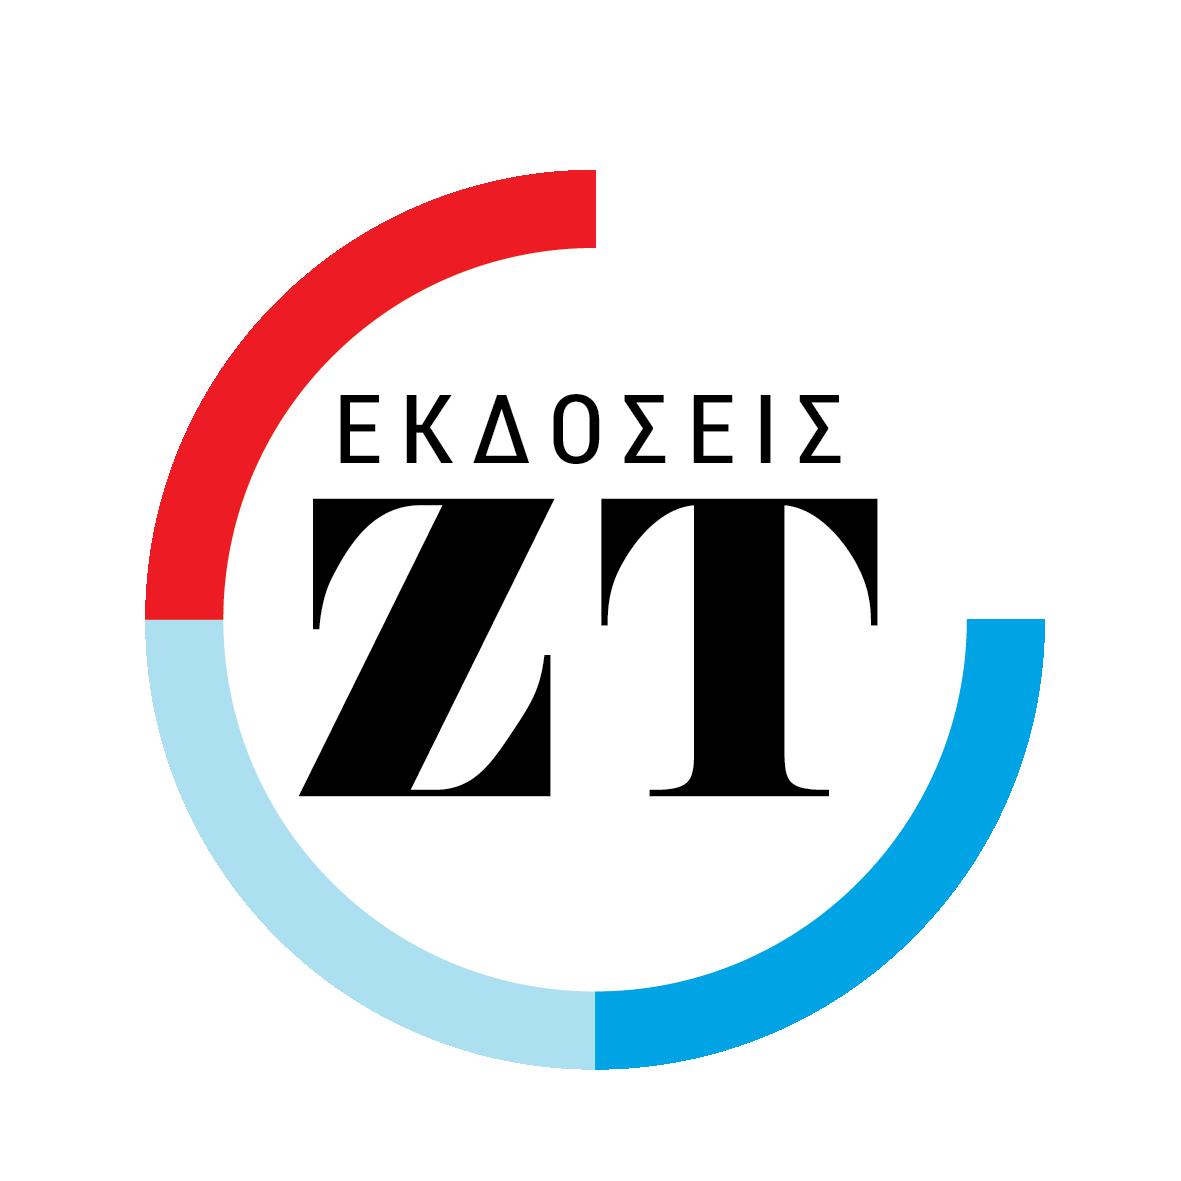 Εκδόσεις Ζανταρίδης Τηλέγραφος